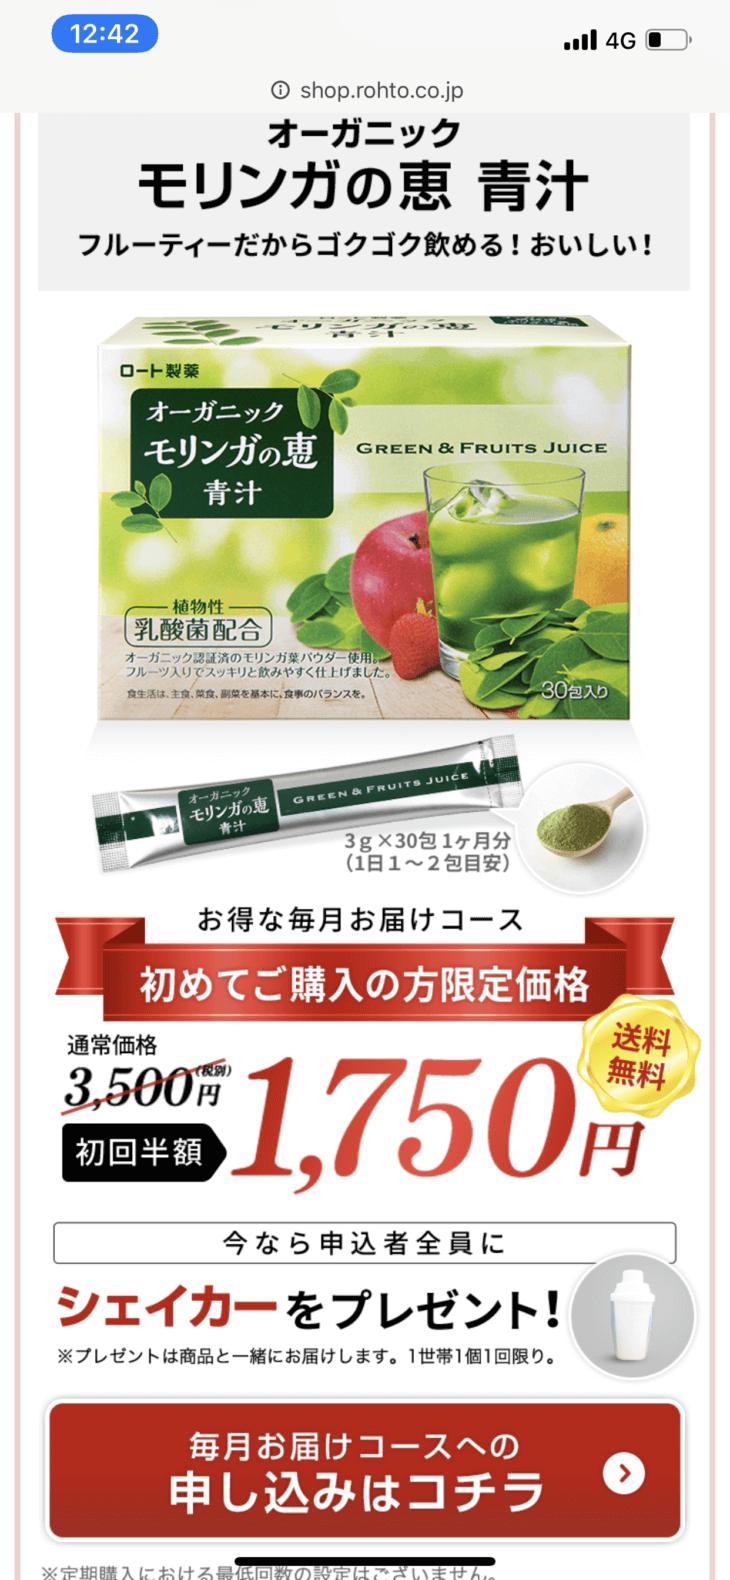 オーガニックモリンガの恵公式サイト価格